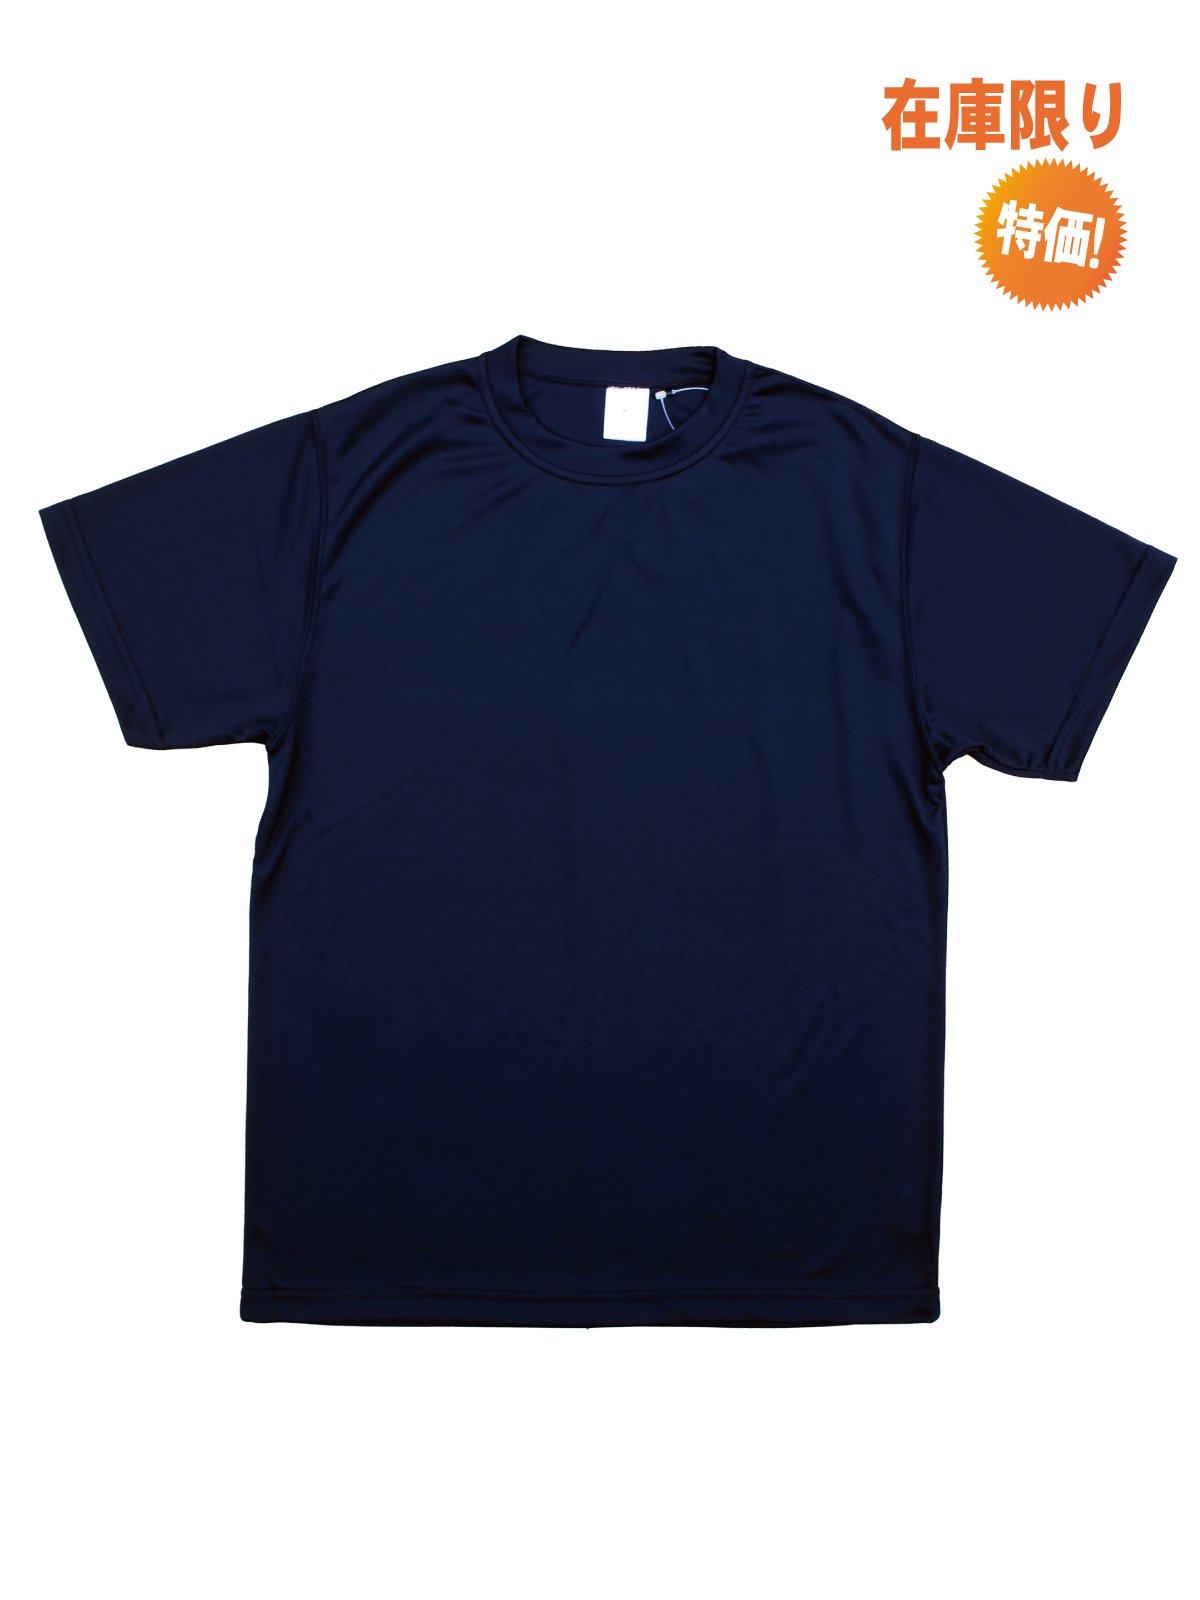 【在庫限り特価】4.3オンス 吸汗速乾ドライTシャツ